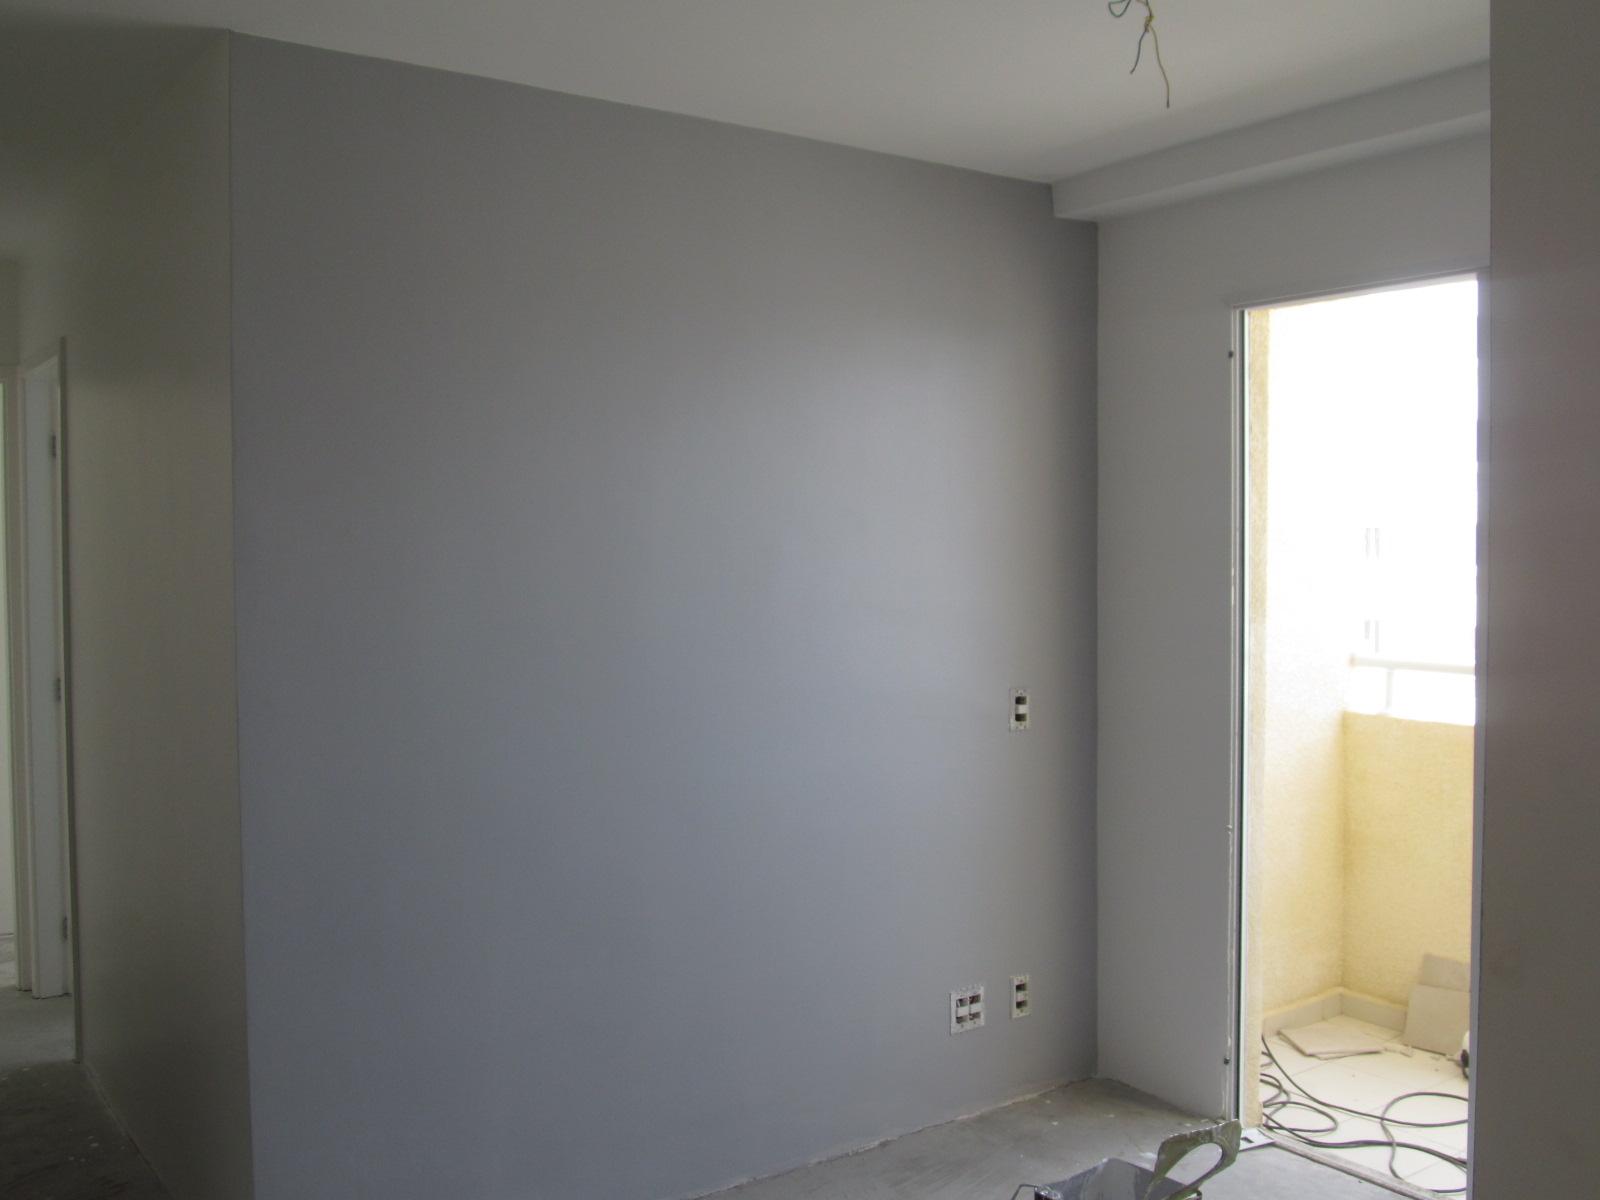 Sala Pintada Branco e Cinza personalizado  a saga do apartamento